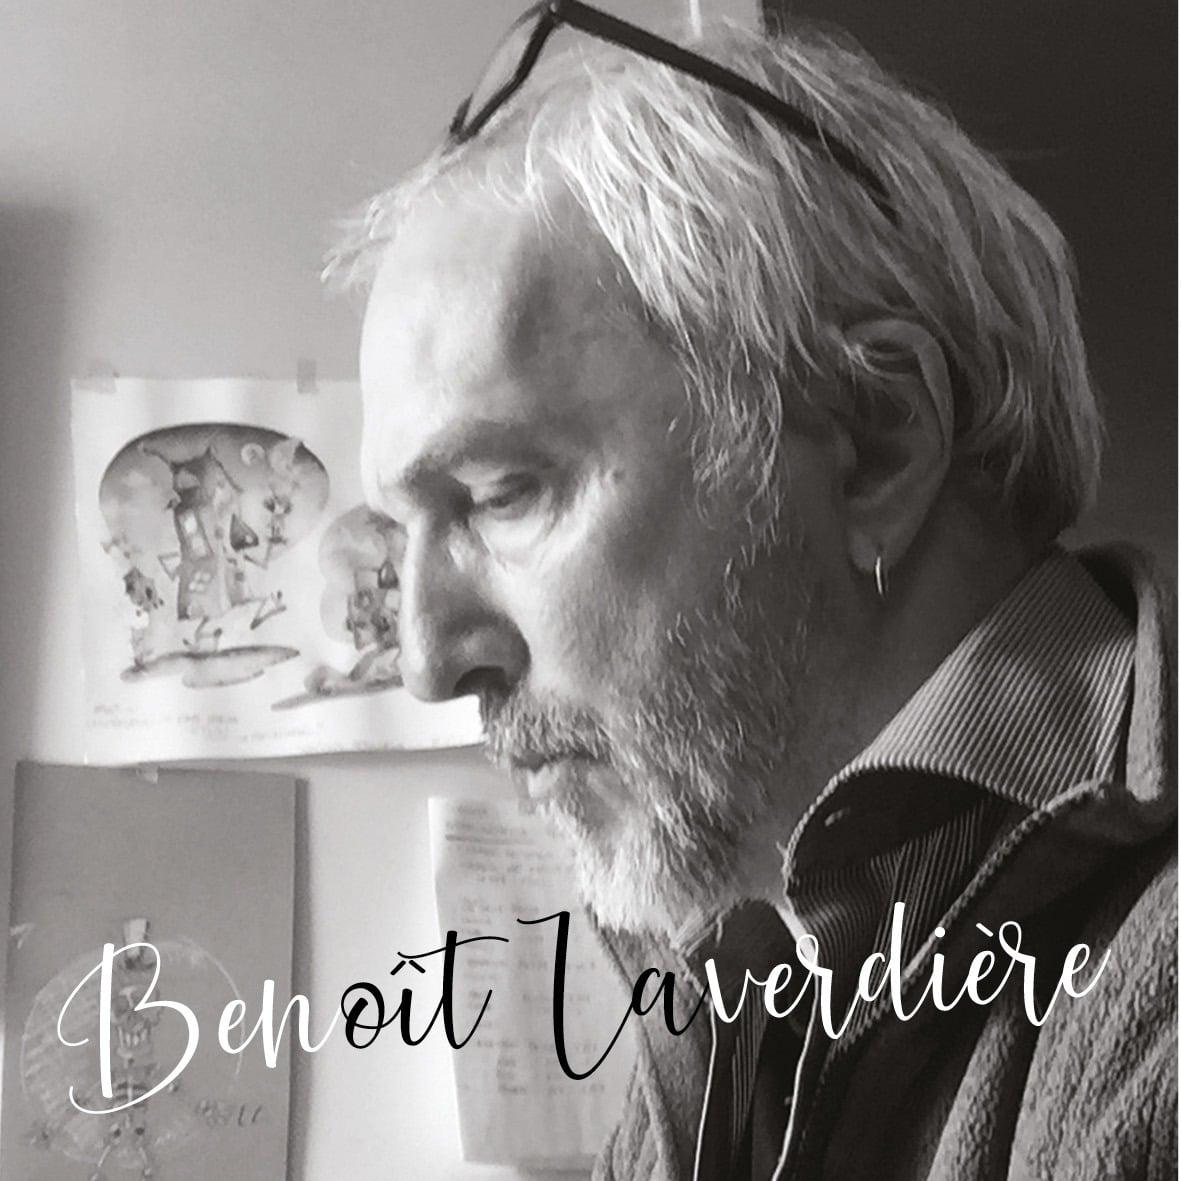 Benoit Laverdière de Manu Factum